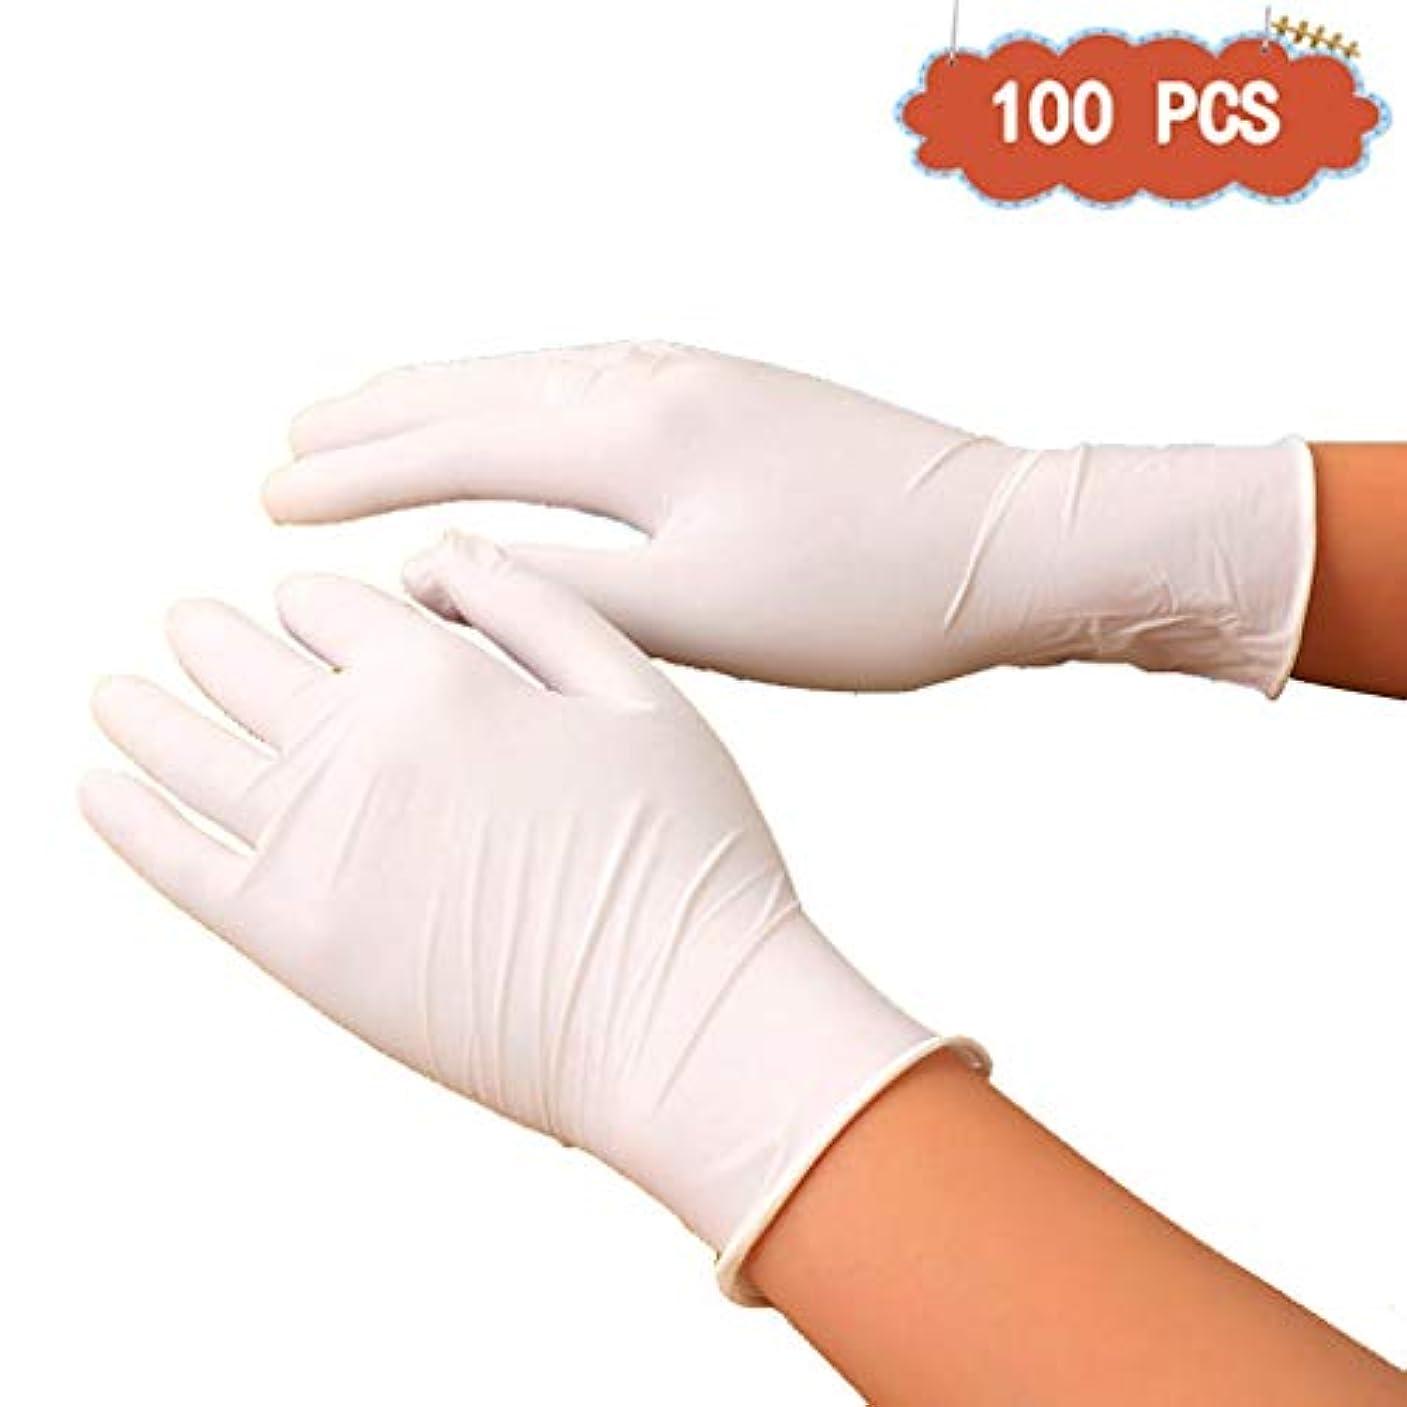 適応する伝導率パレードニトリルホームクリーニングと酸とアルカリ使い捨て手袋ペットケアネイルアート検査保護実験、美容院ラテックスフリー、パウダーフリー、両手利き、100個 (Color : White, Size : M)